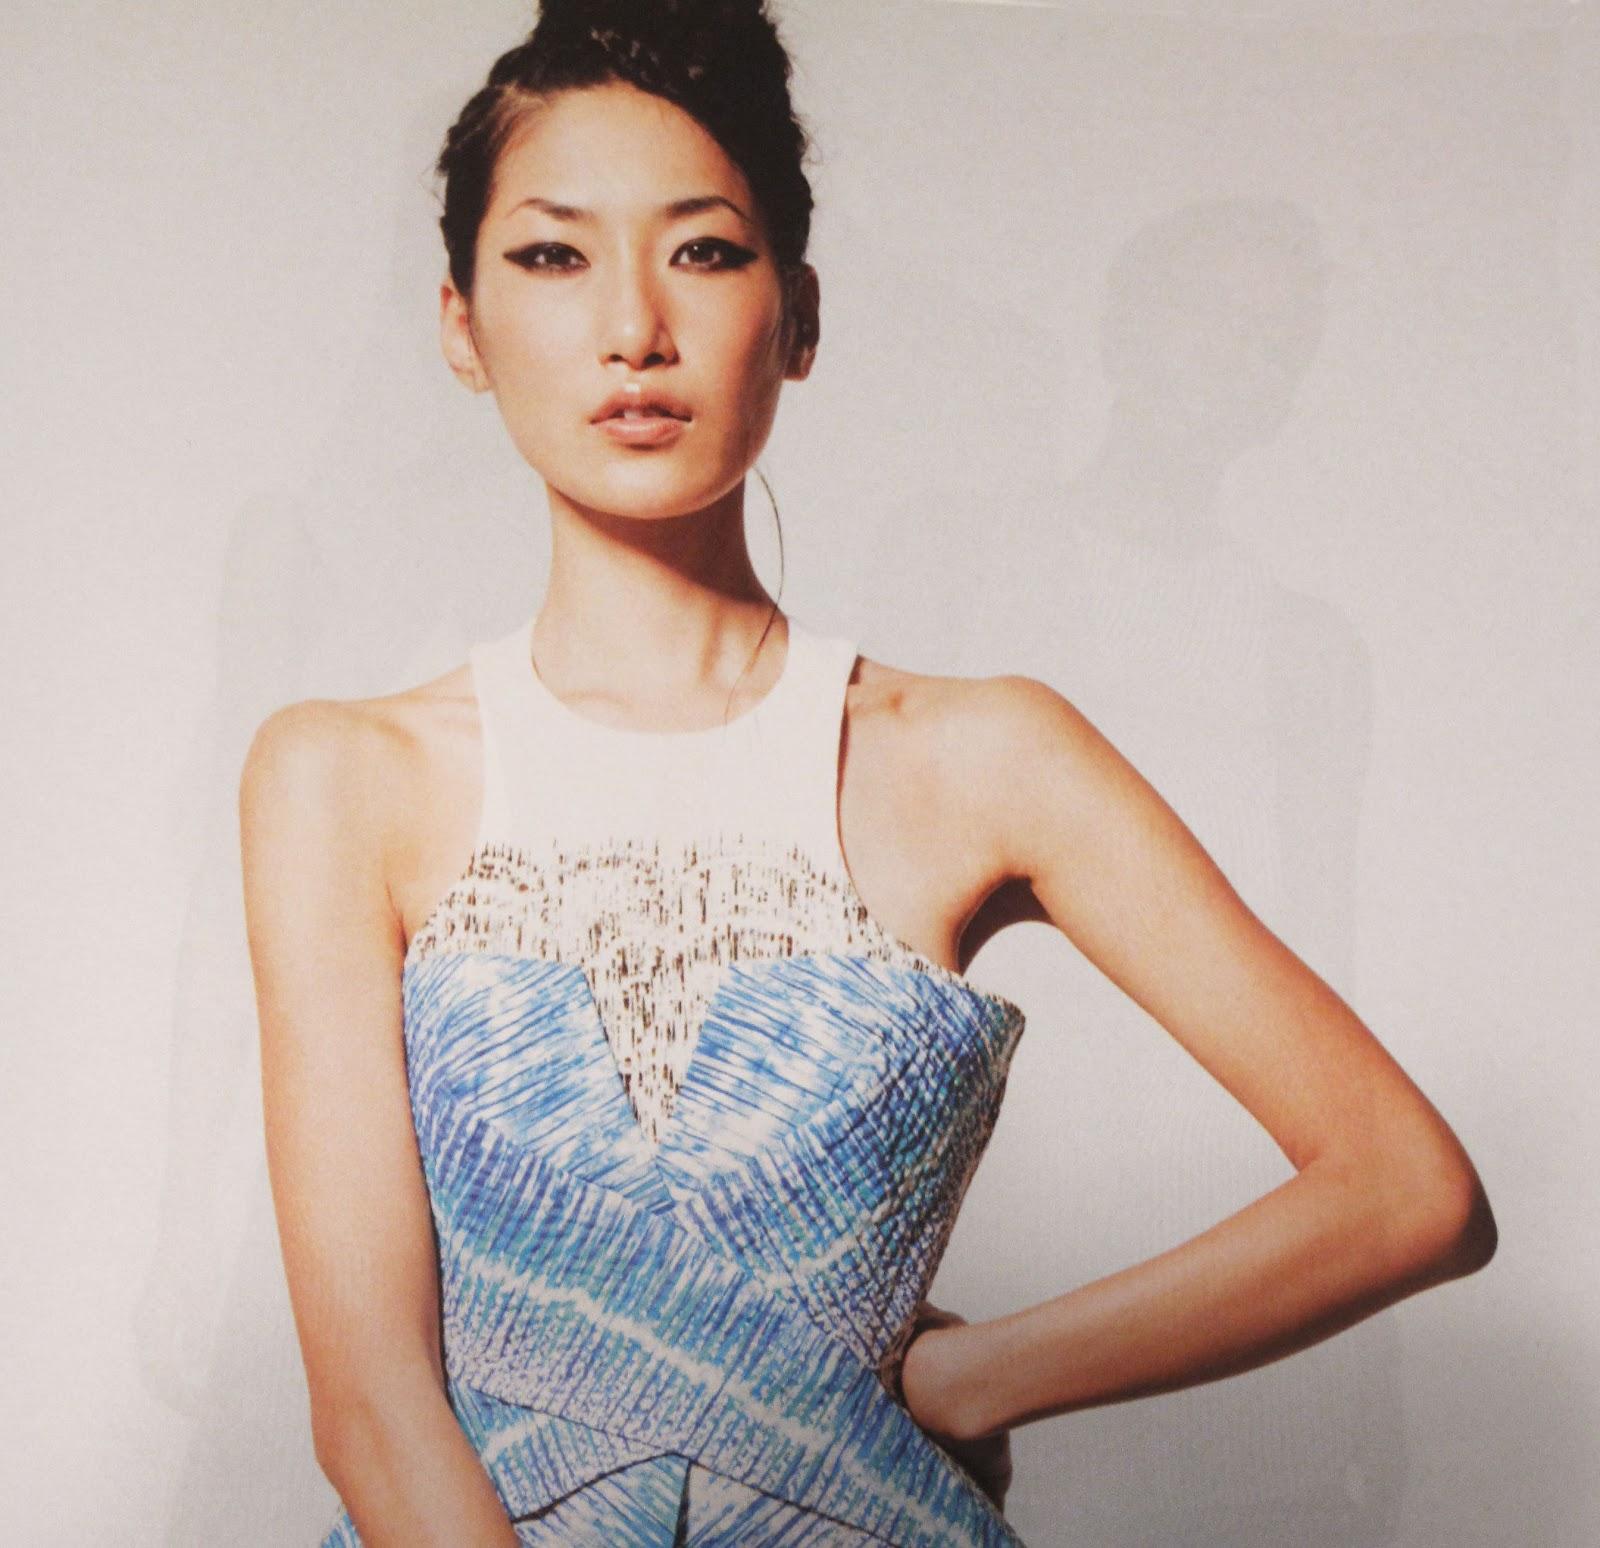 Gigi-Model.org